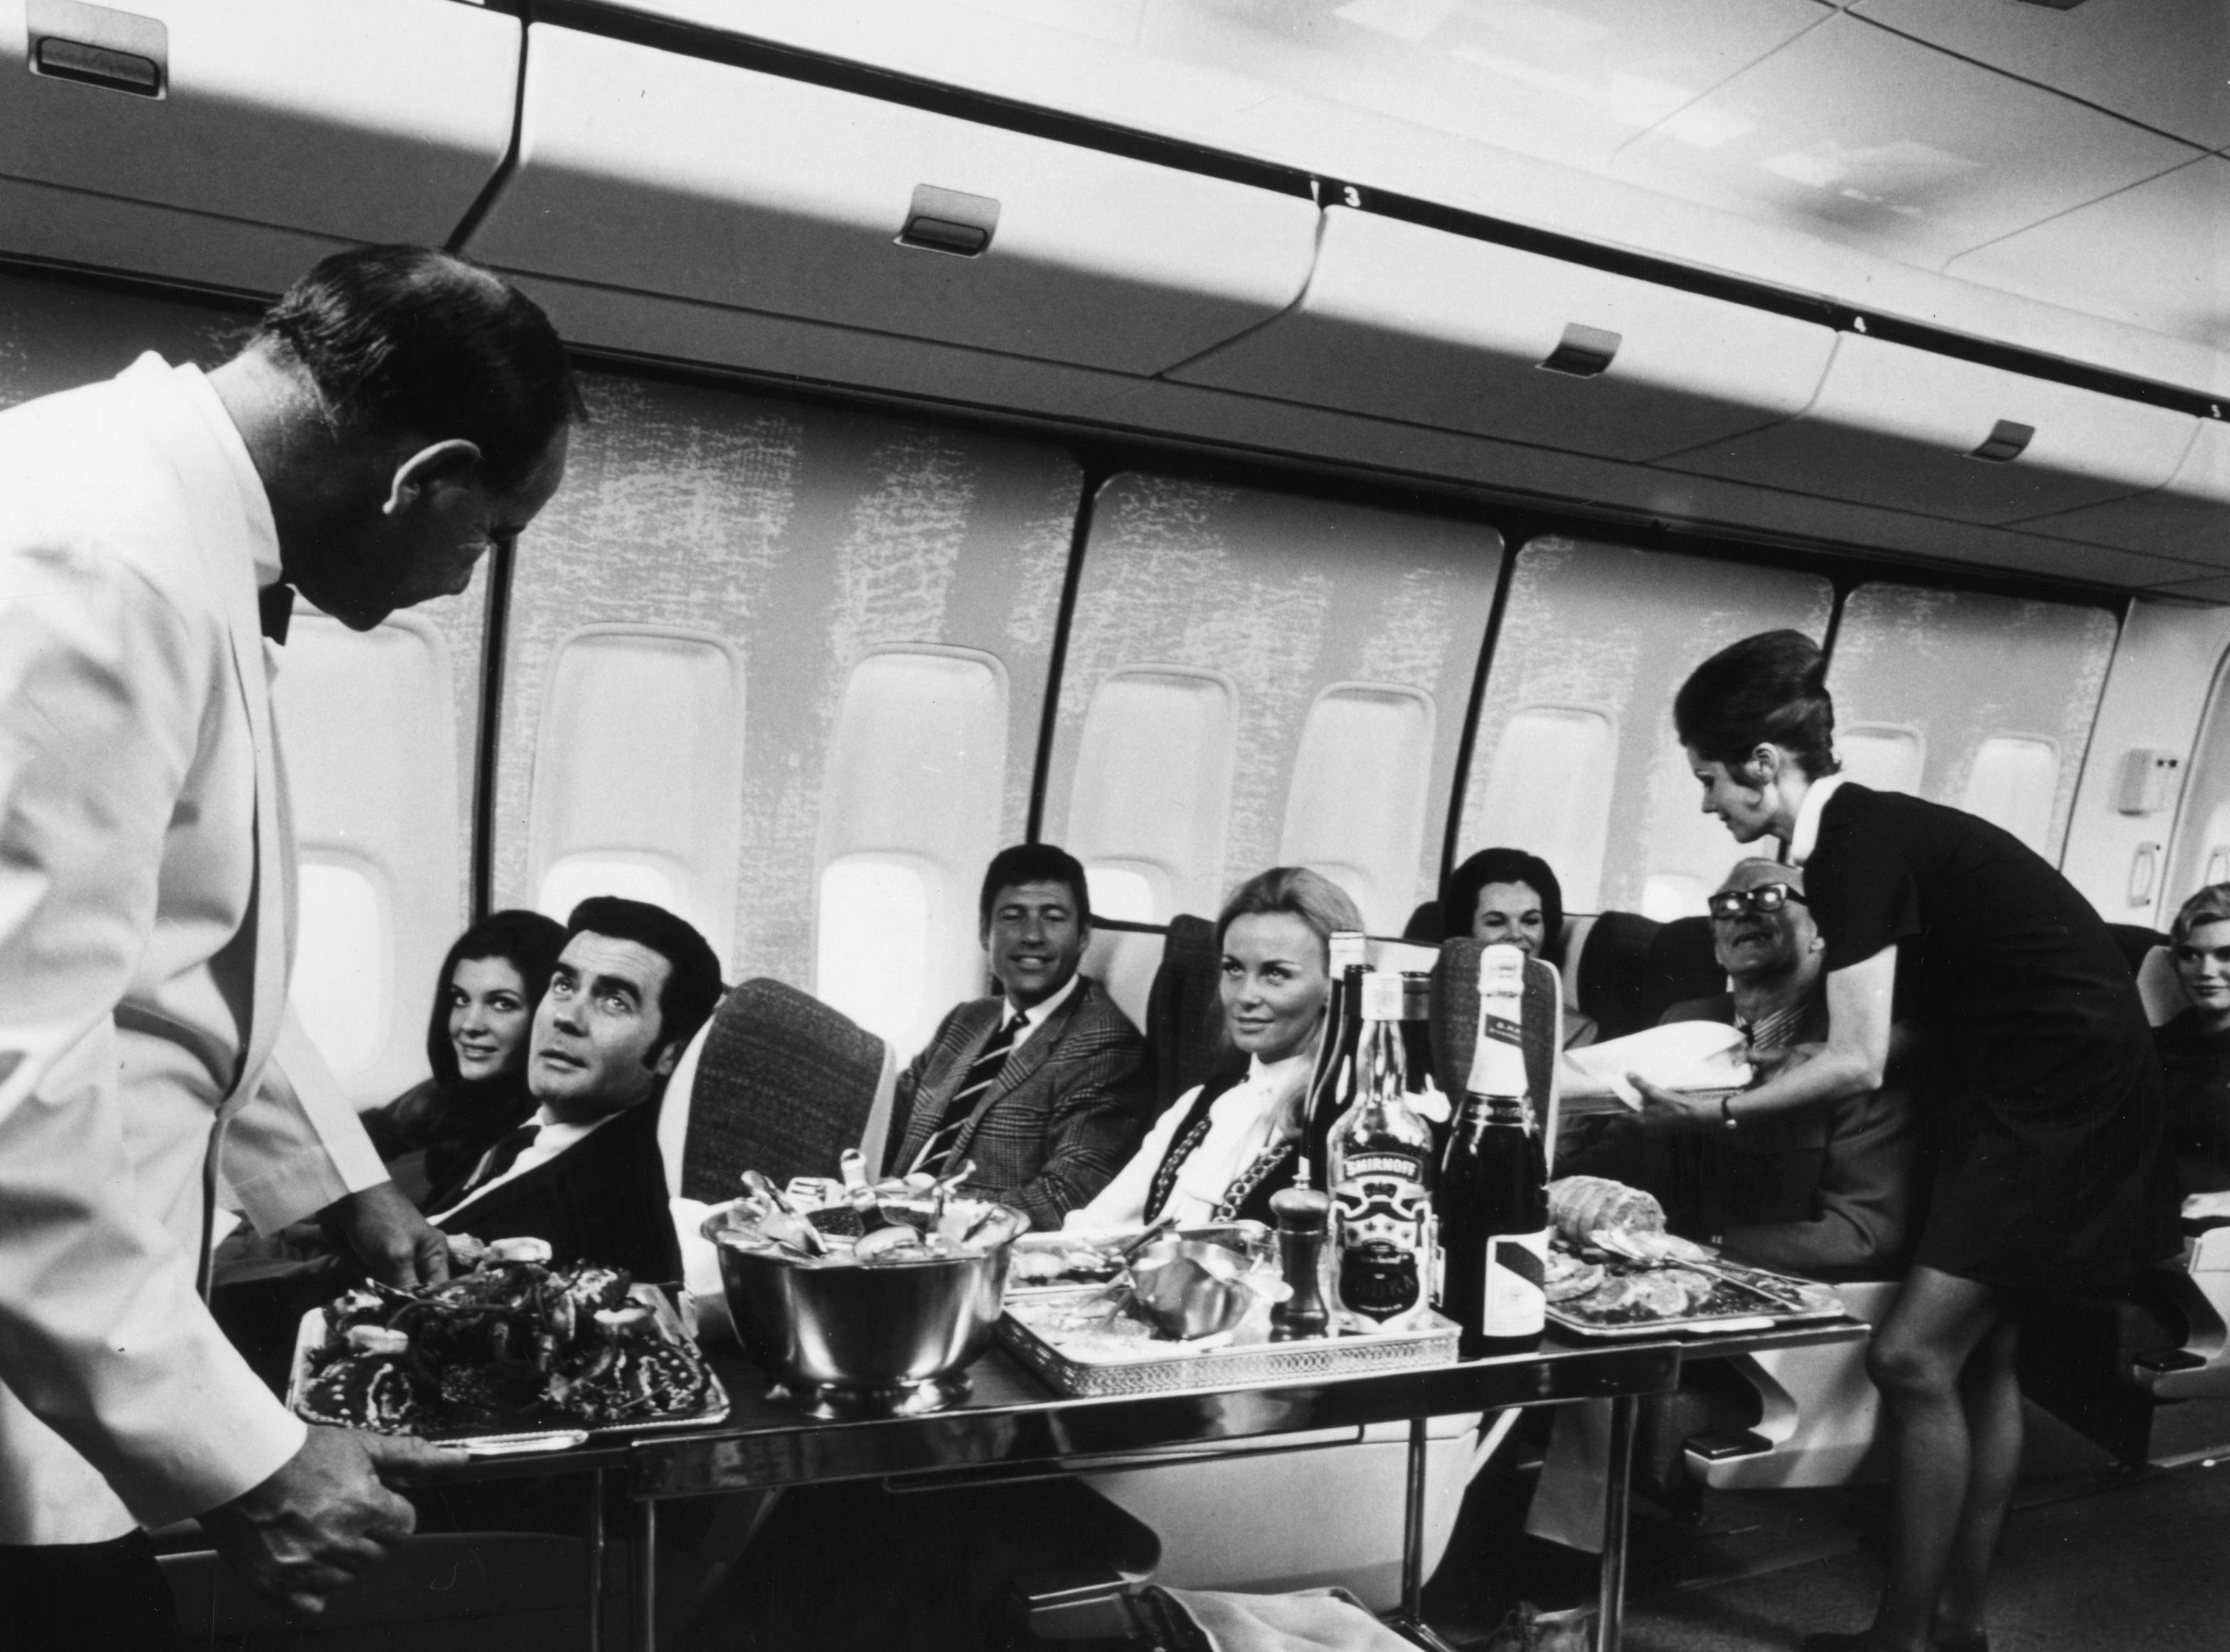 passengers flying first class